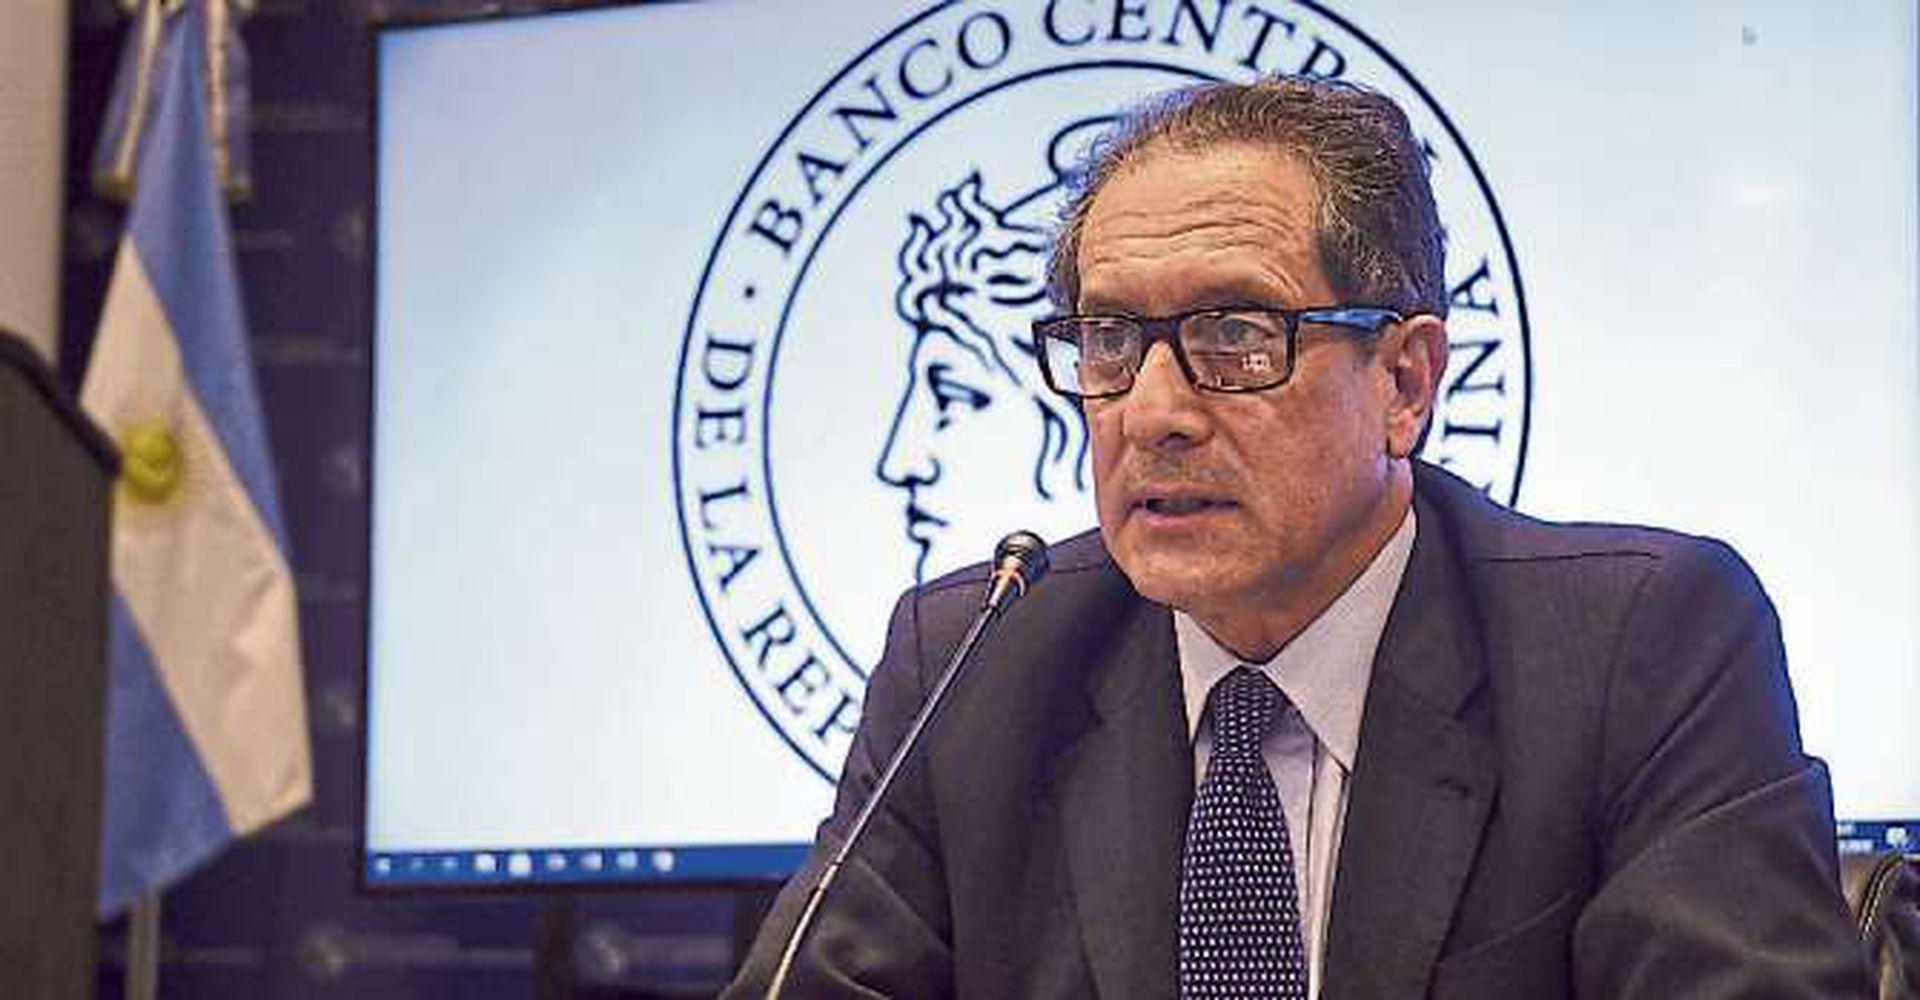 Una medida del organismo que conduce Miguel Ángel Pesce generó rechazo entre los tenedores de criptomonedas